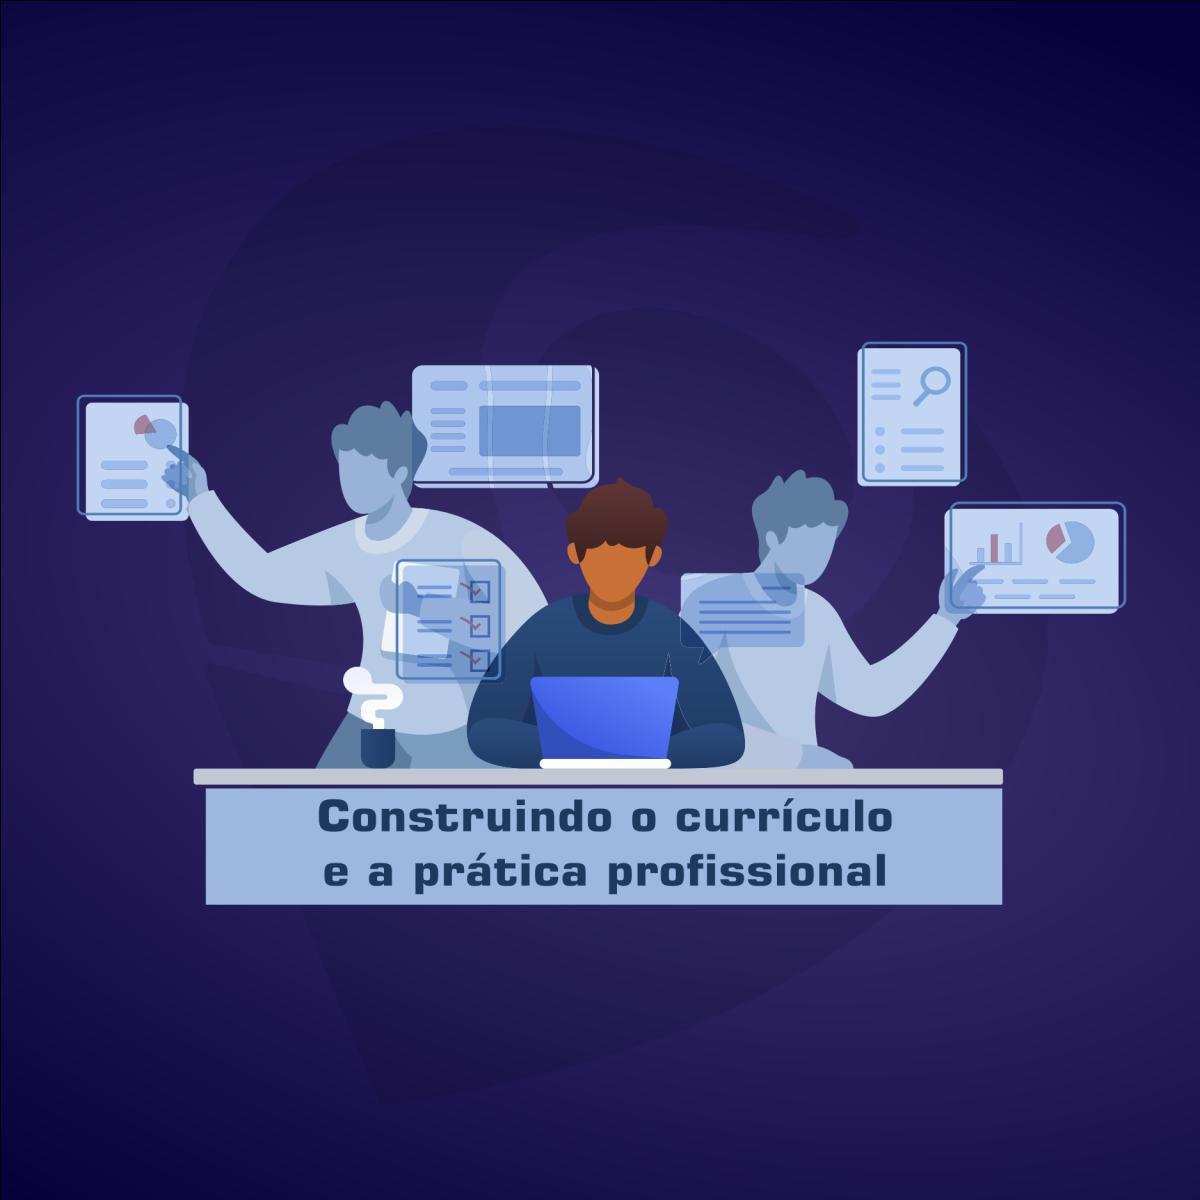 Construindo o currículo e a prática profissional